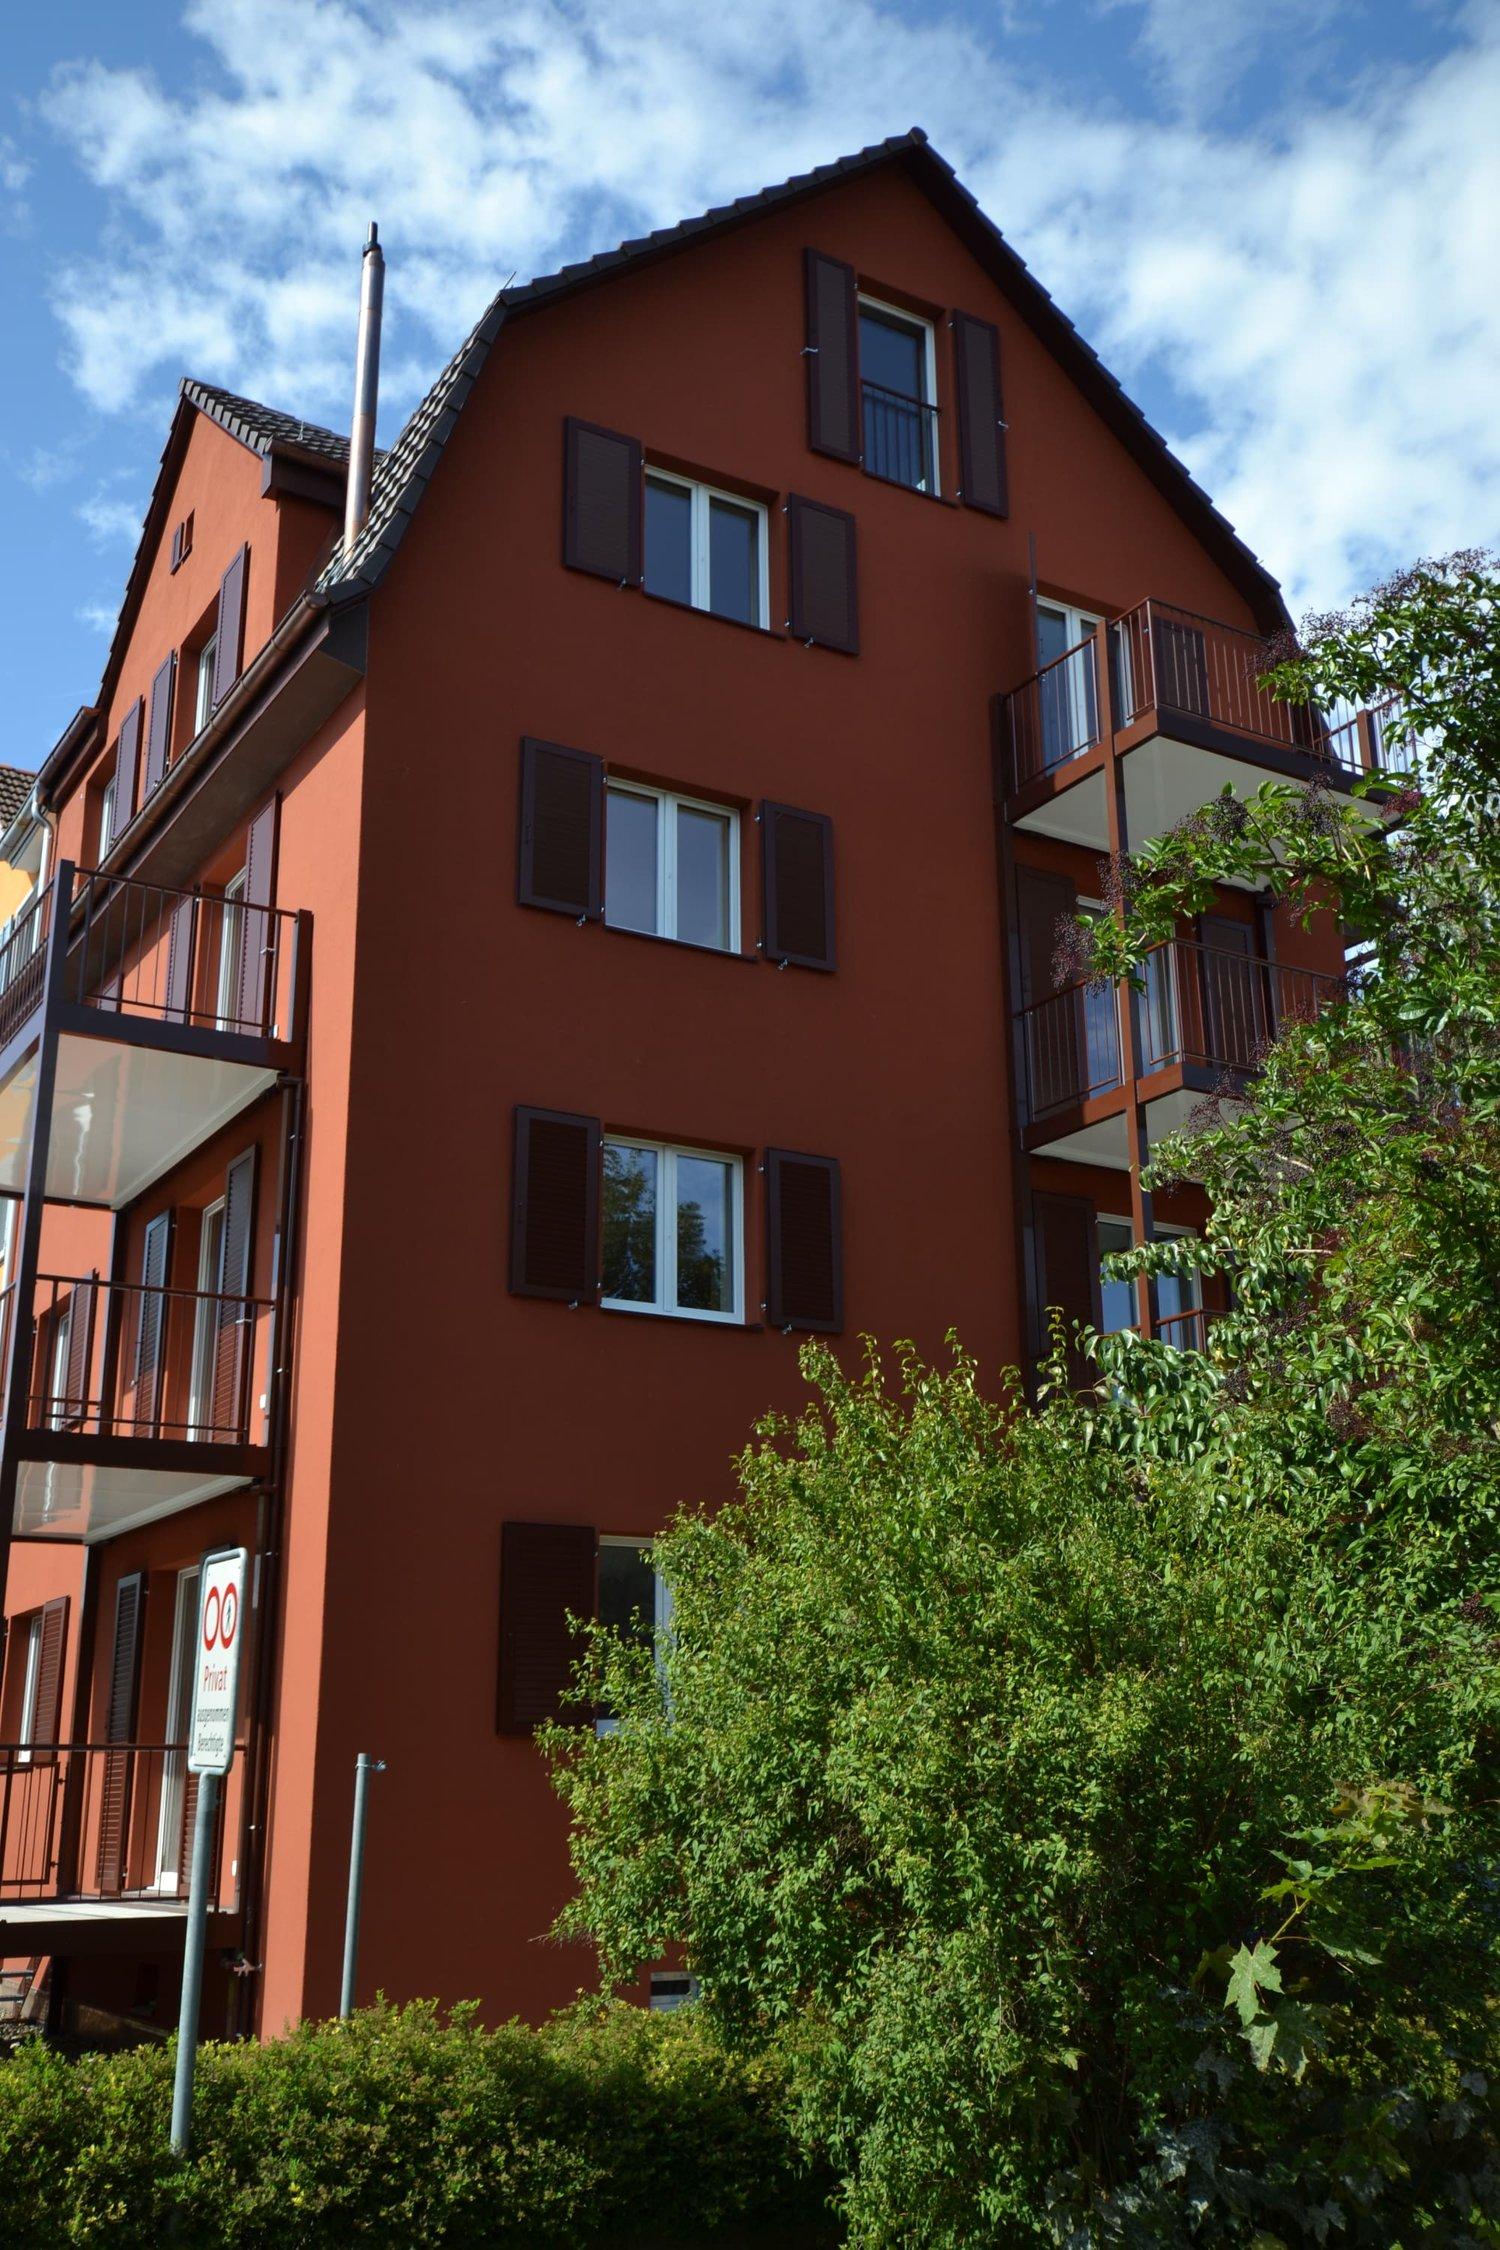 Geiselweidstrasse 49